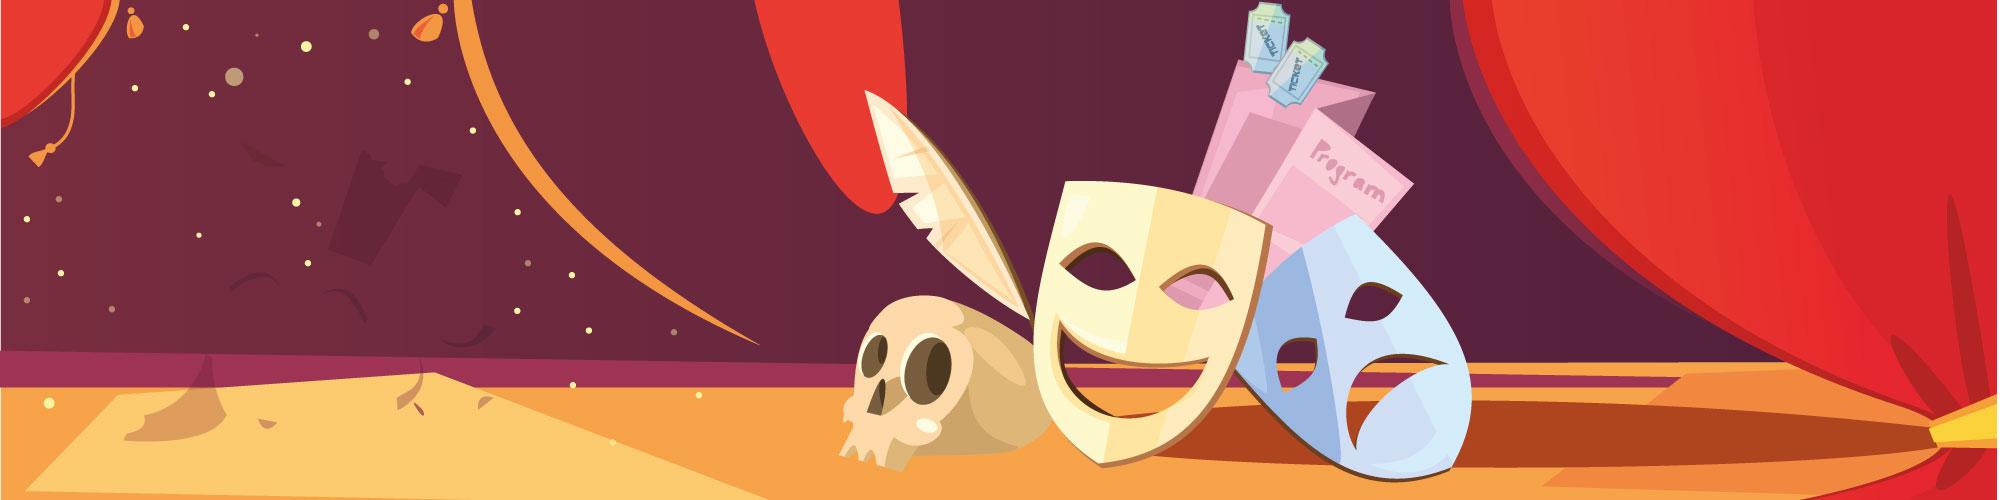 """""""Shakespeare de Bolso"""": com muito humor, peça revive obras do dramaturgo inglês"""